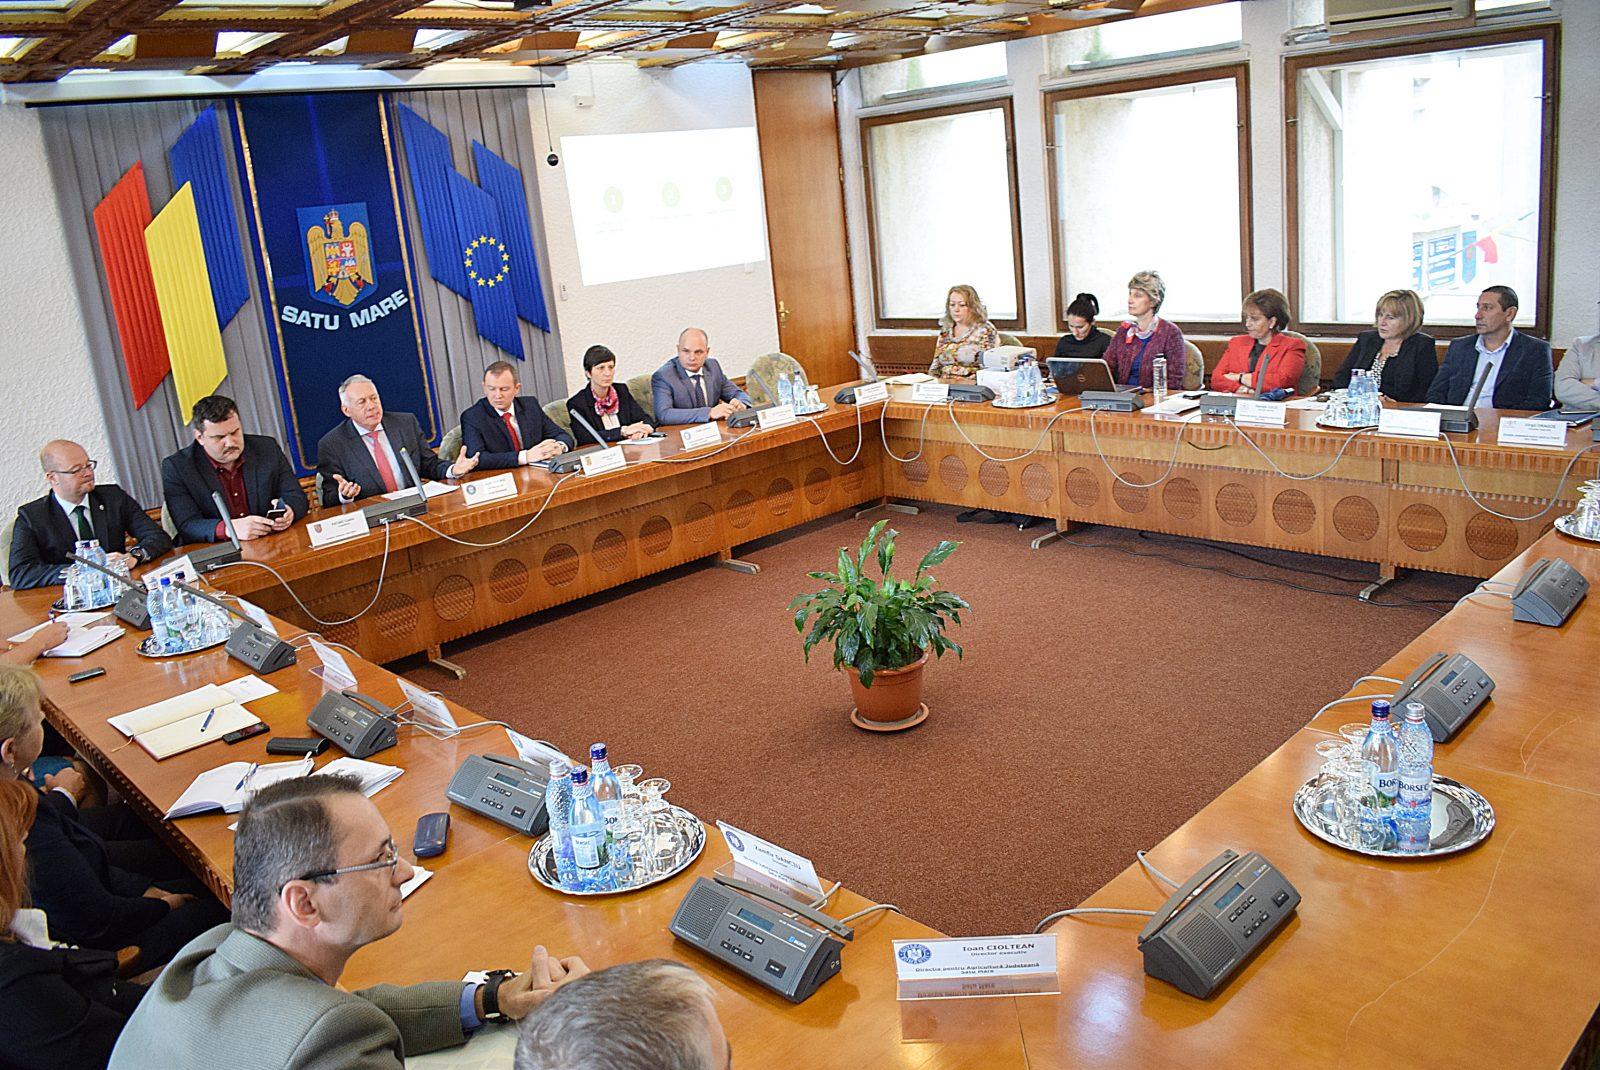 László Borbély a prezentat la Satu Mare cele 17 obiective de dezvoltare durabilă